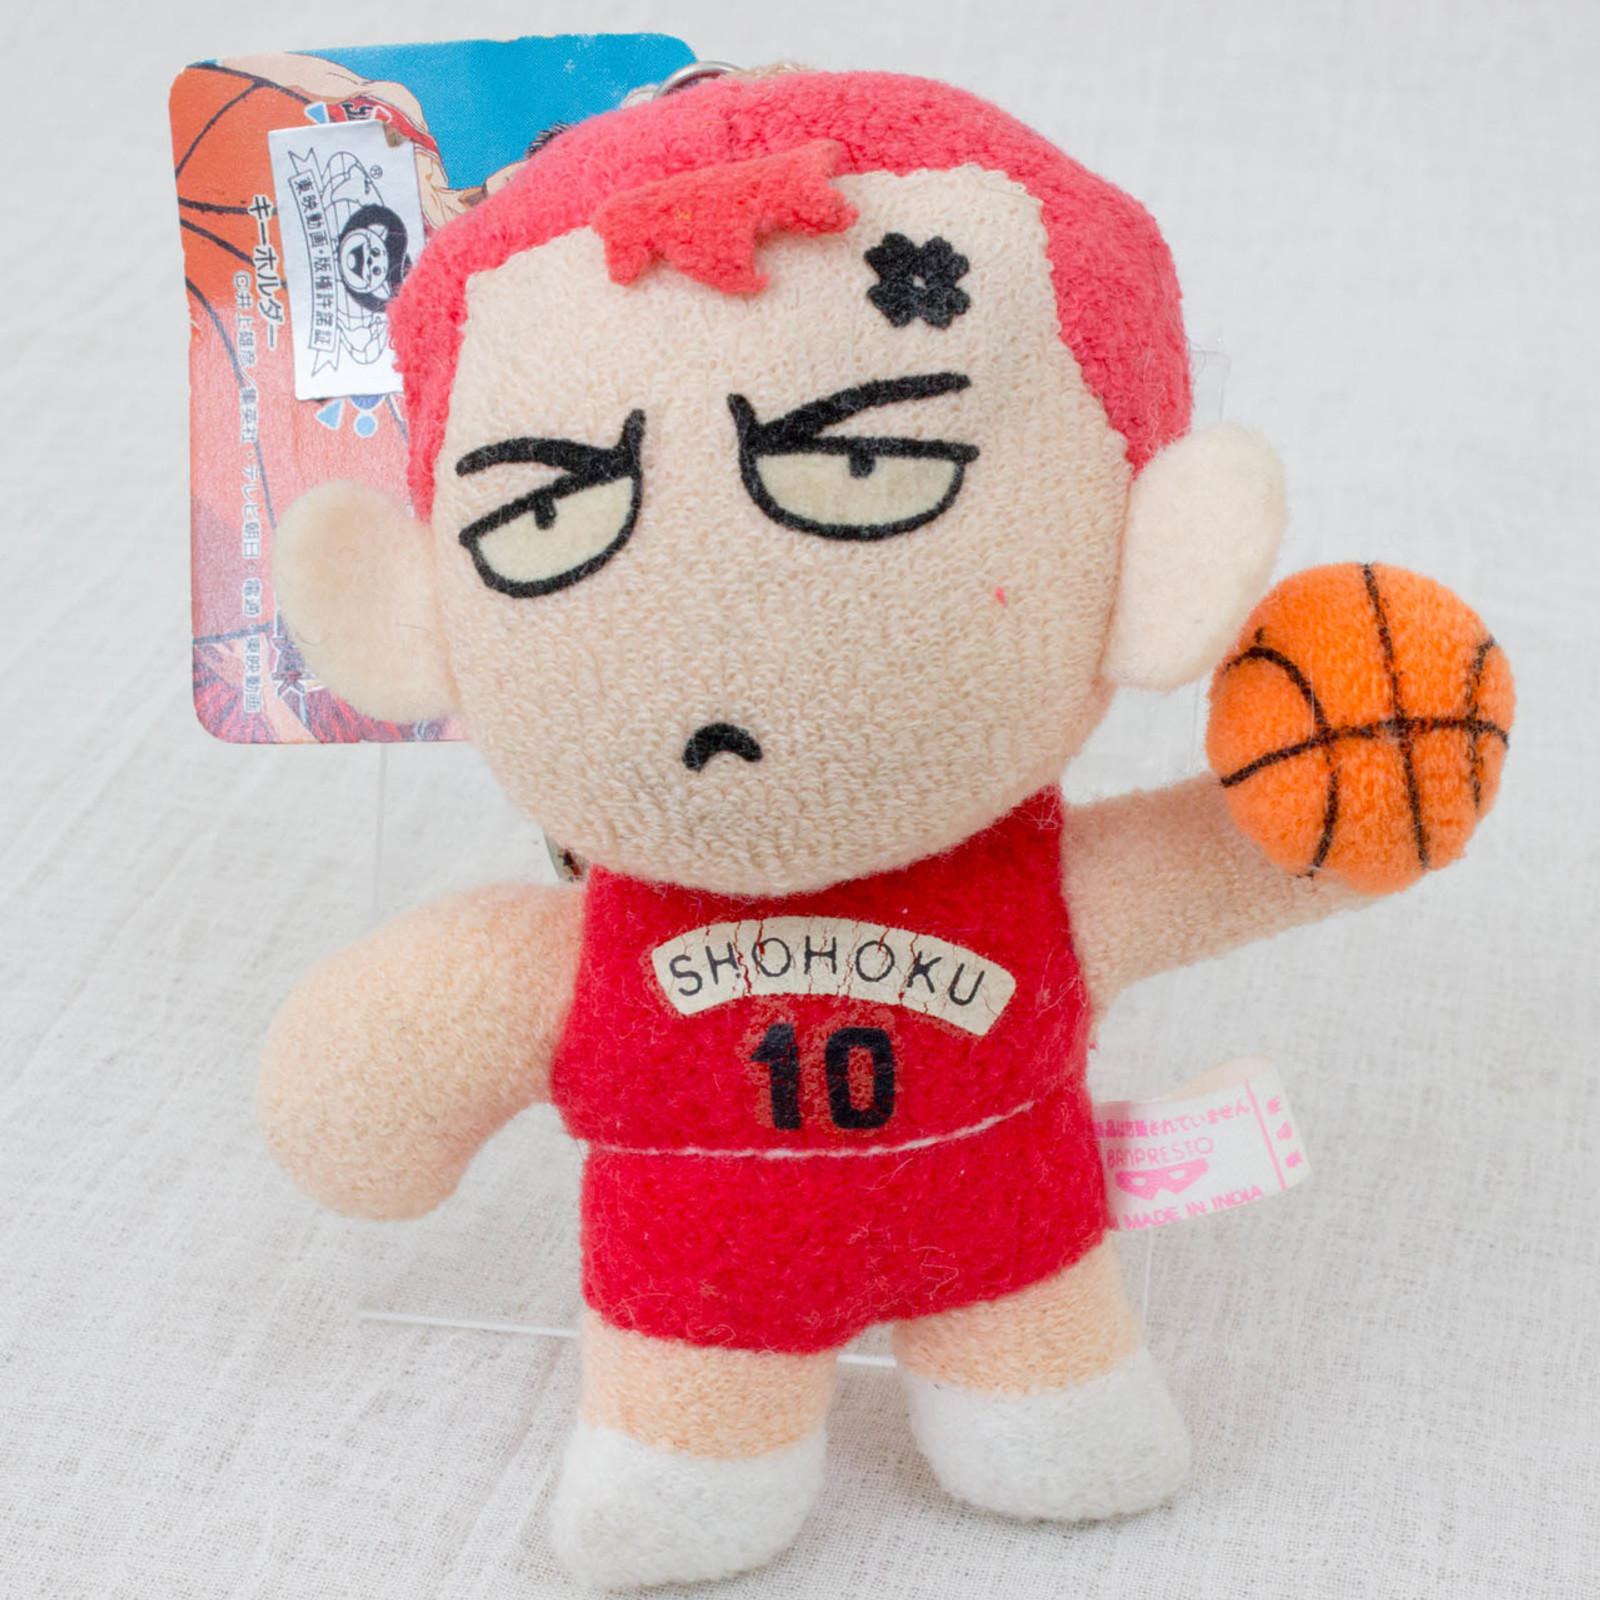 SLAM DUNK Hanamichi Sakuragi Shohoku #10 Plush Doll Keychain JAPAN ANIME MANGA